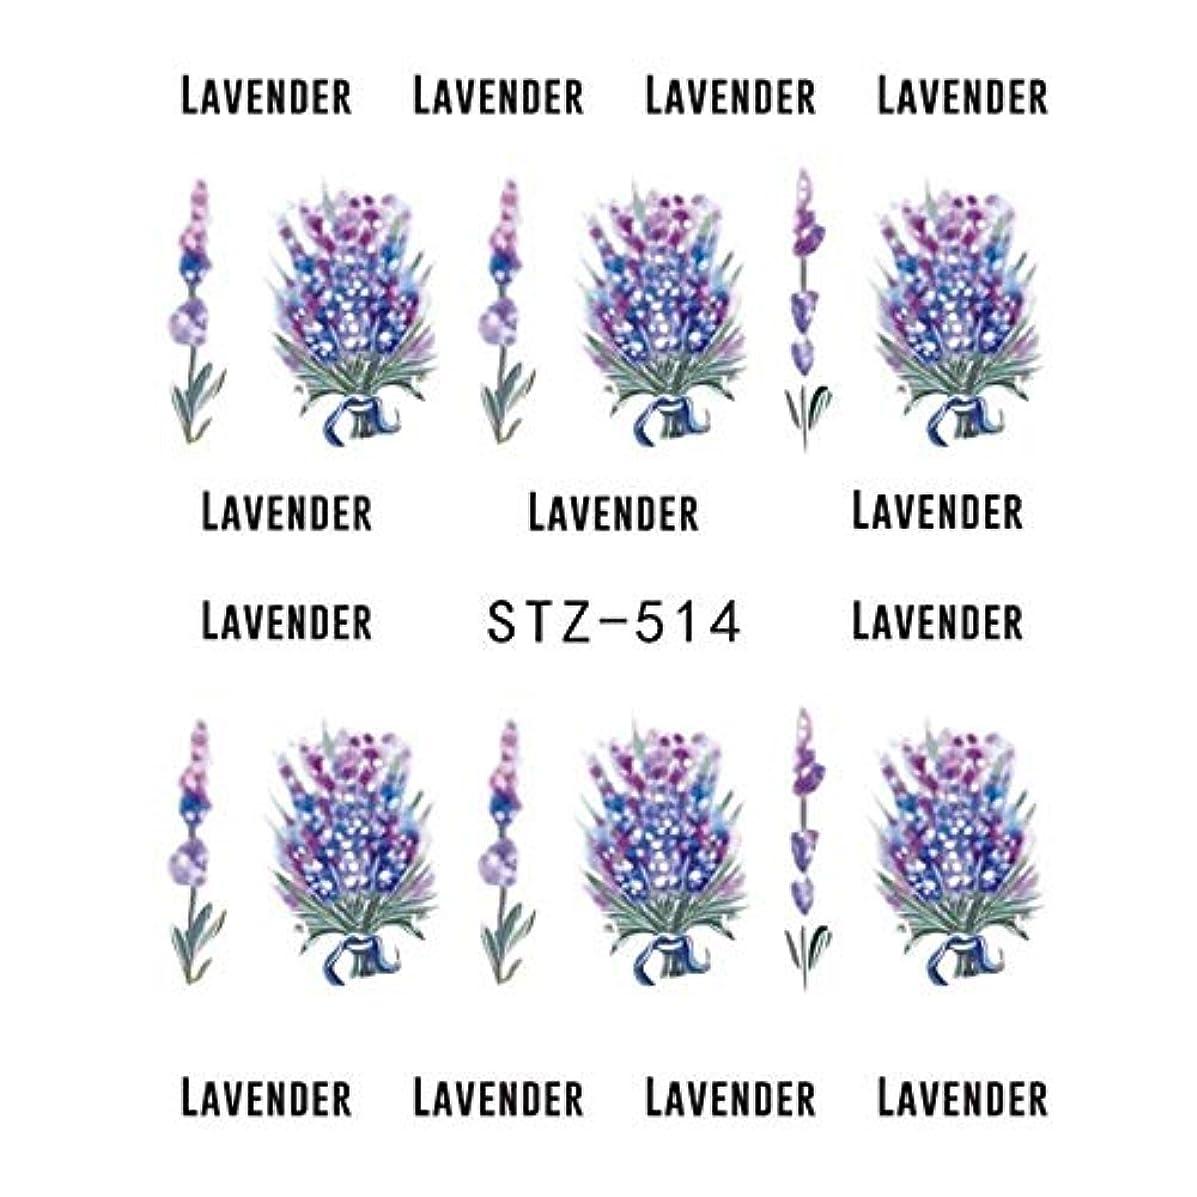 暴徒整然とした合法SUKTI&XIAO ネイルステッカー ラベンダーブーケウォーターステッカーネイルアートデコレーション紫咲く花スライド美容ネイルデカール、Stz514